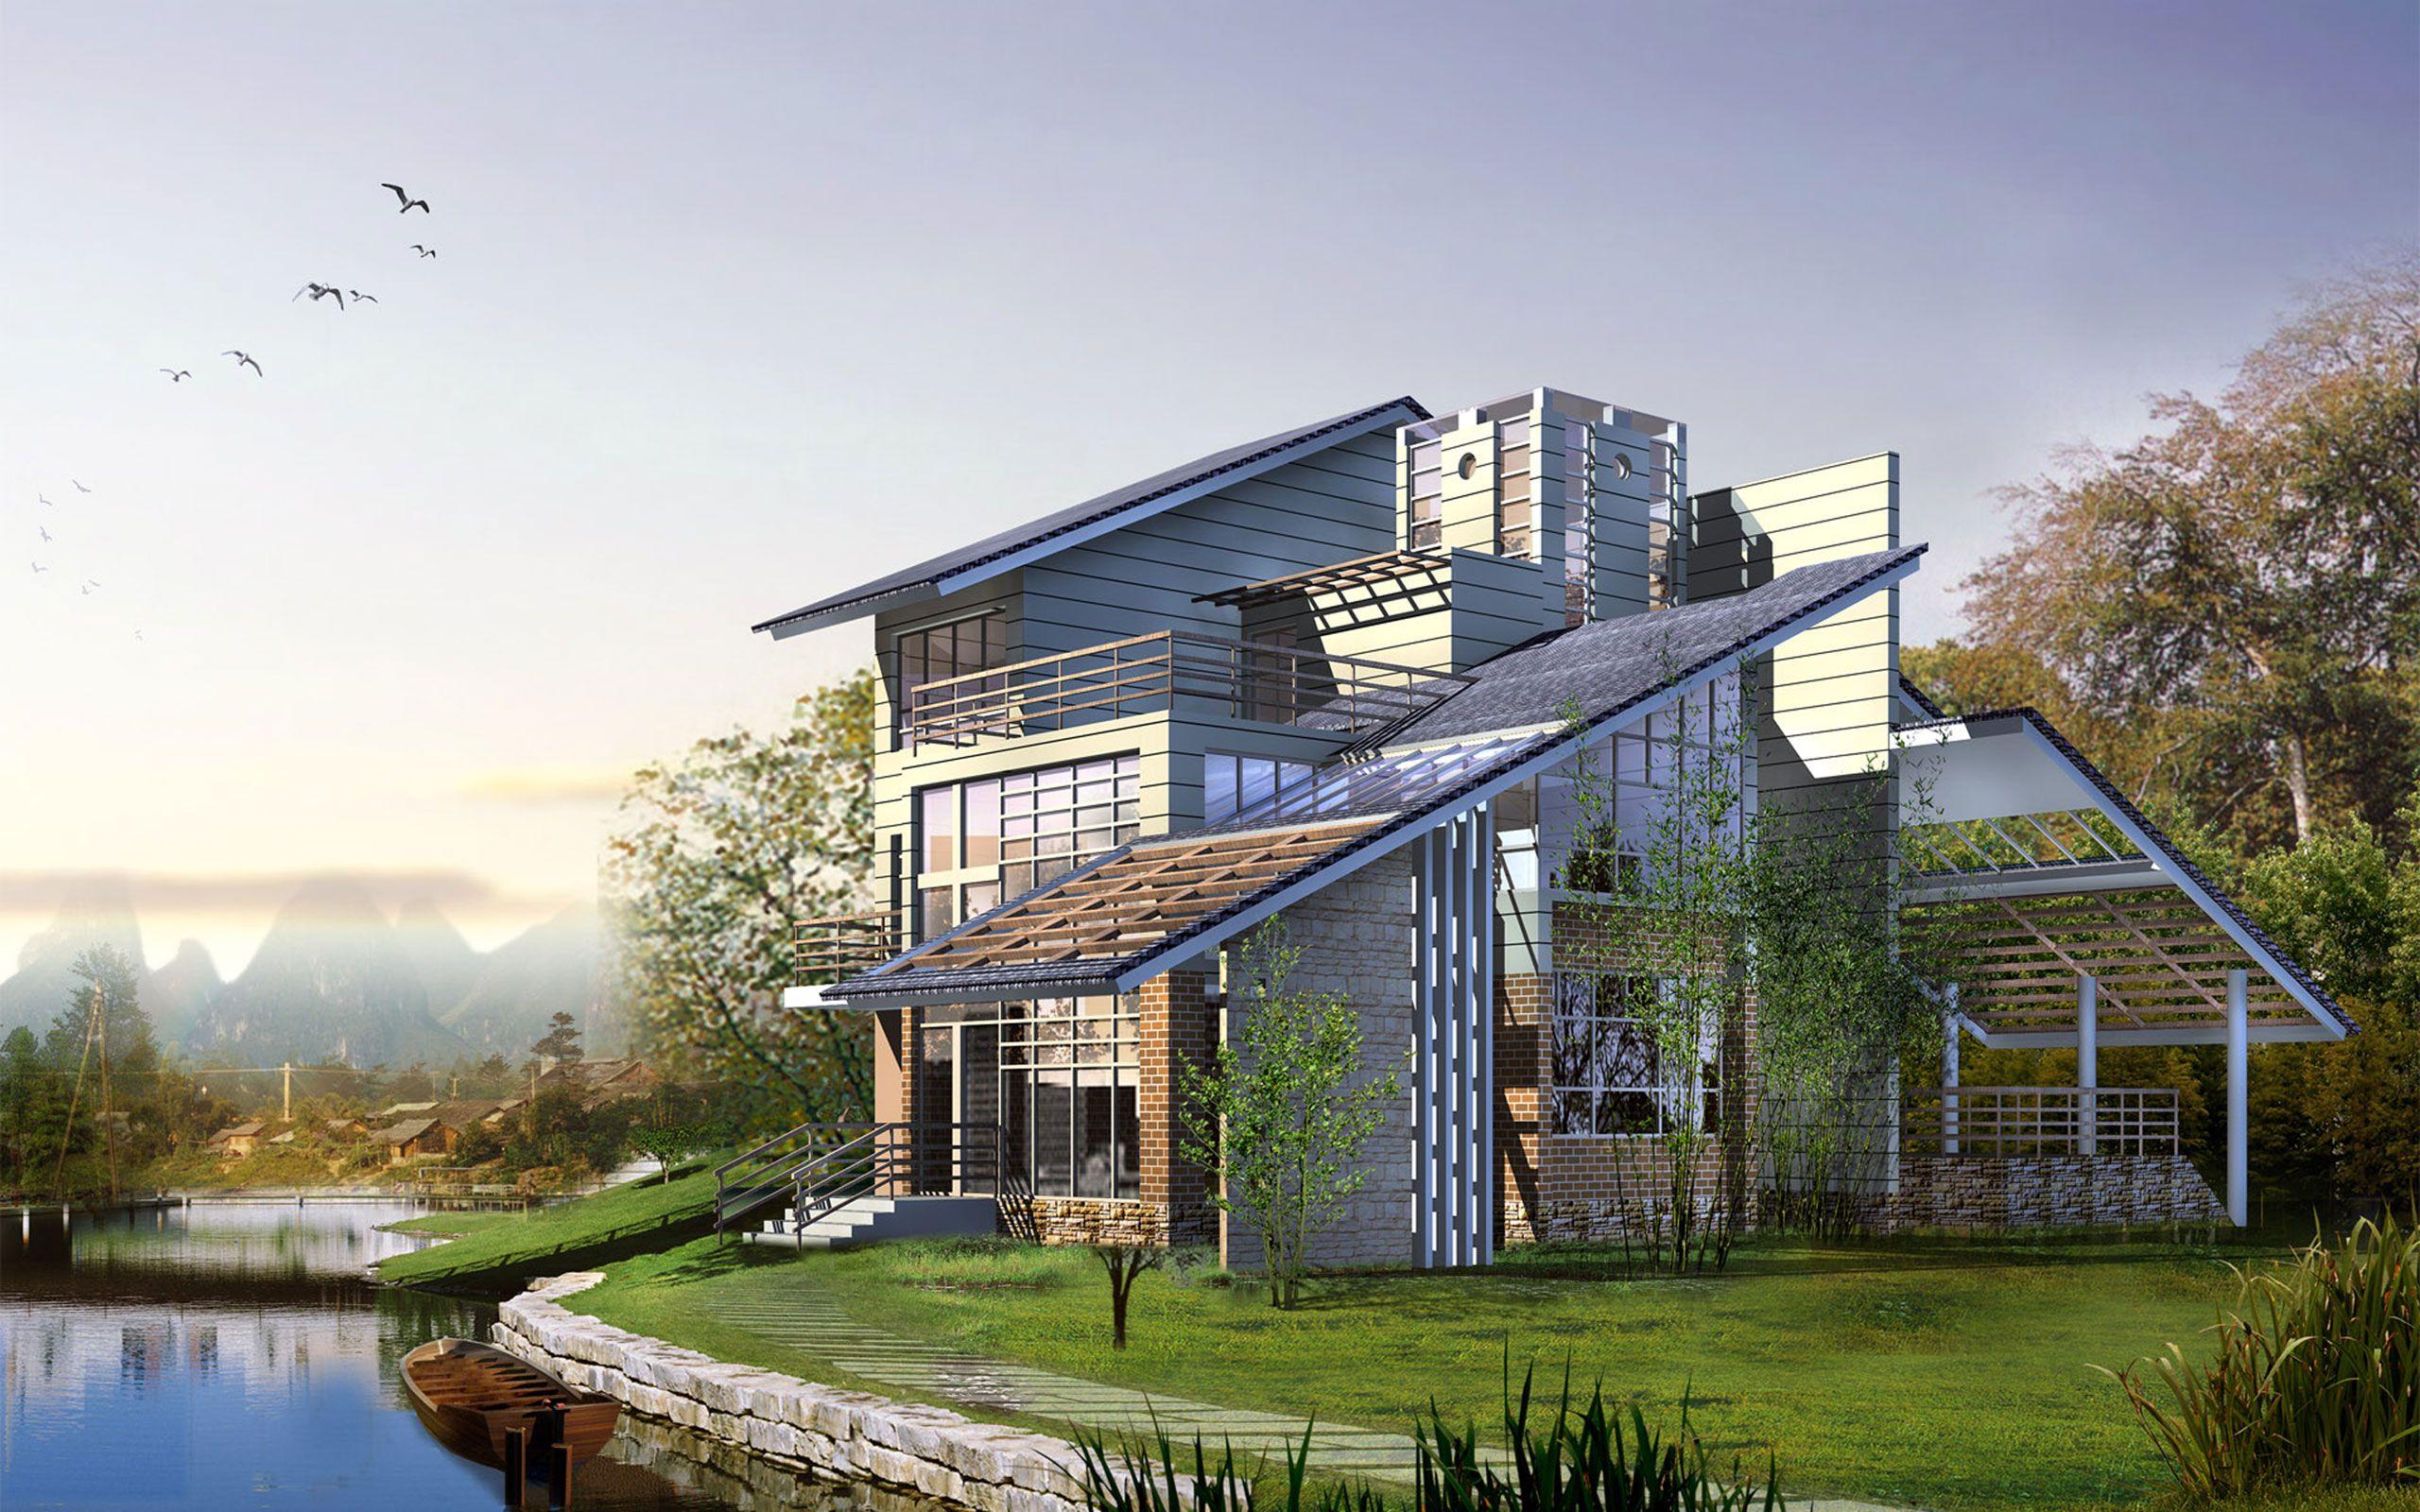 Futuristic Houses Design Future Design With Futuristic Houses Cool ~